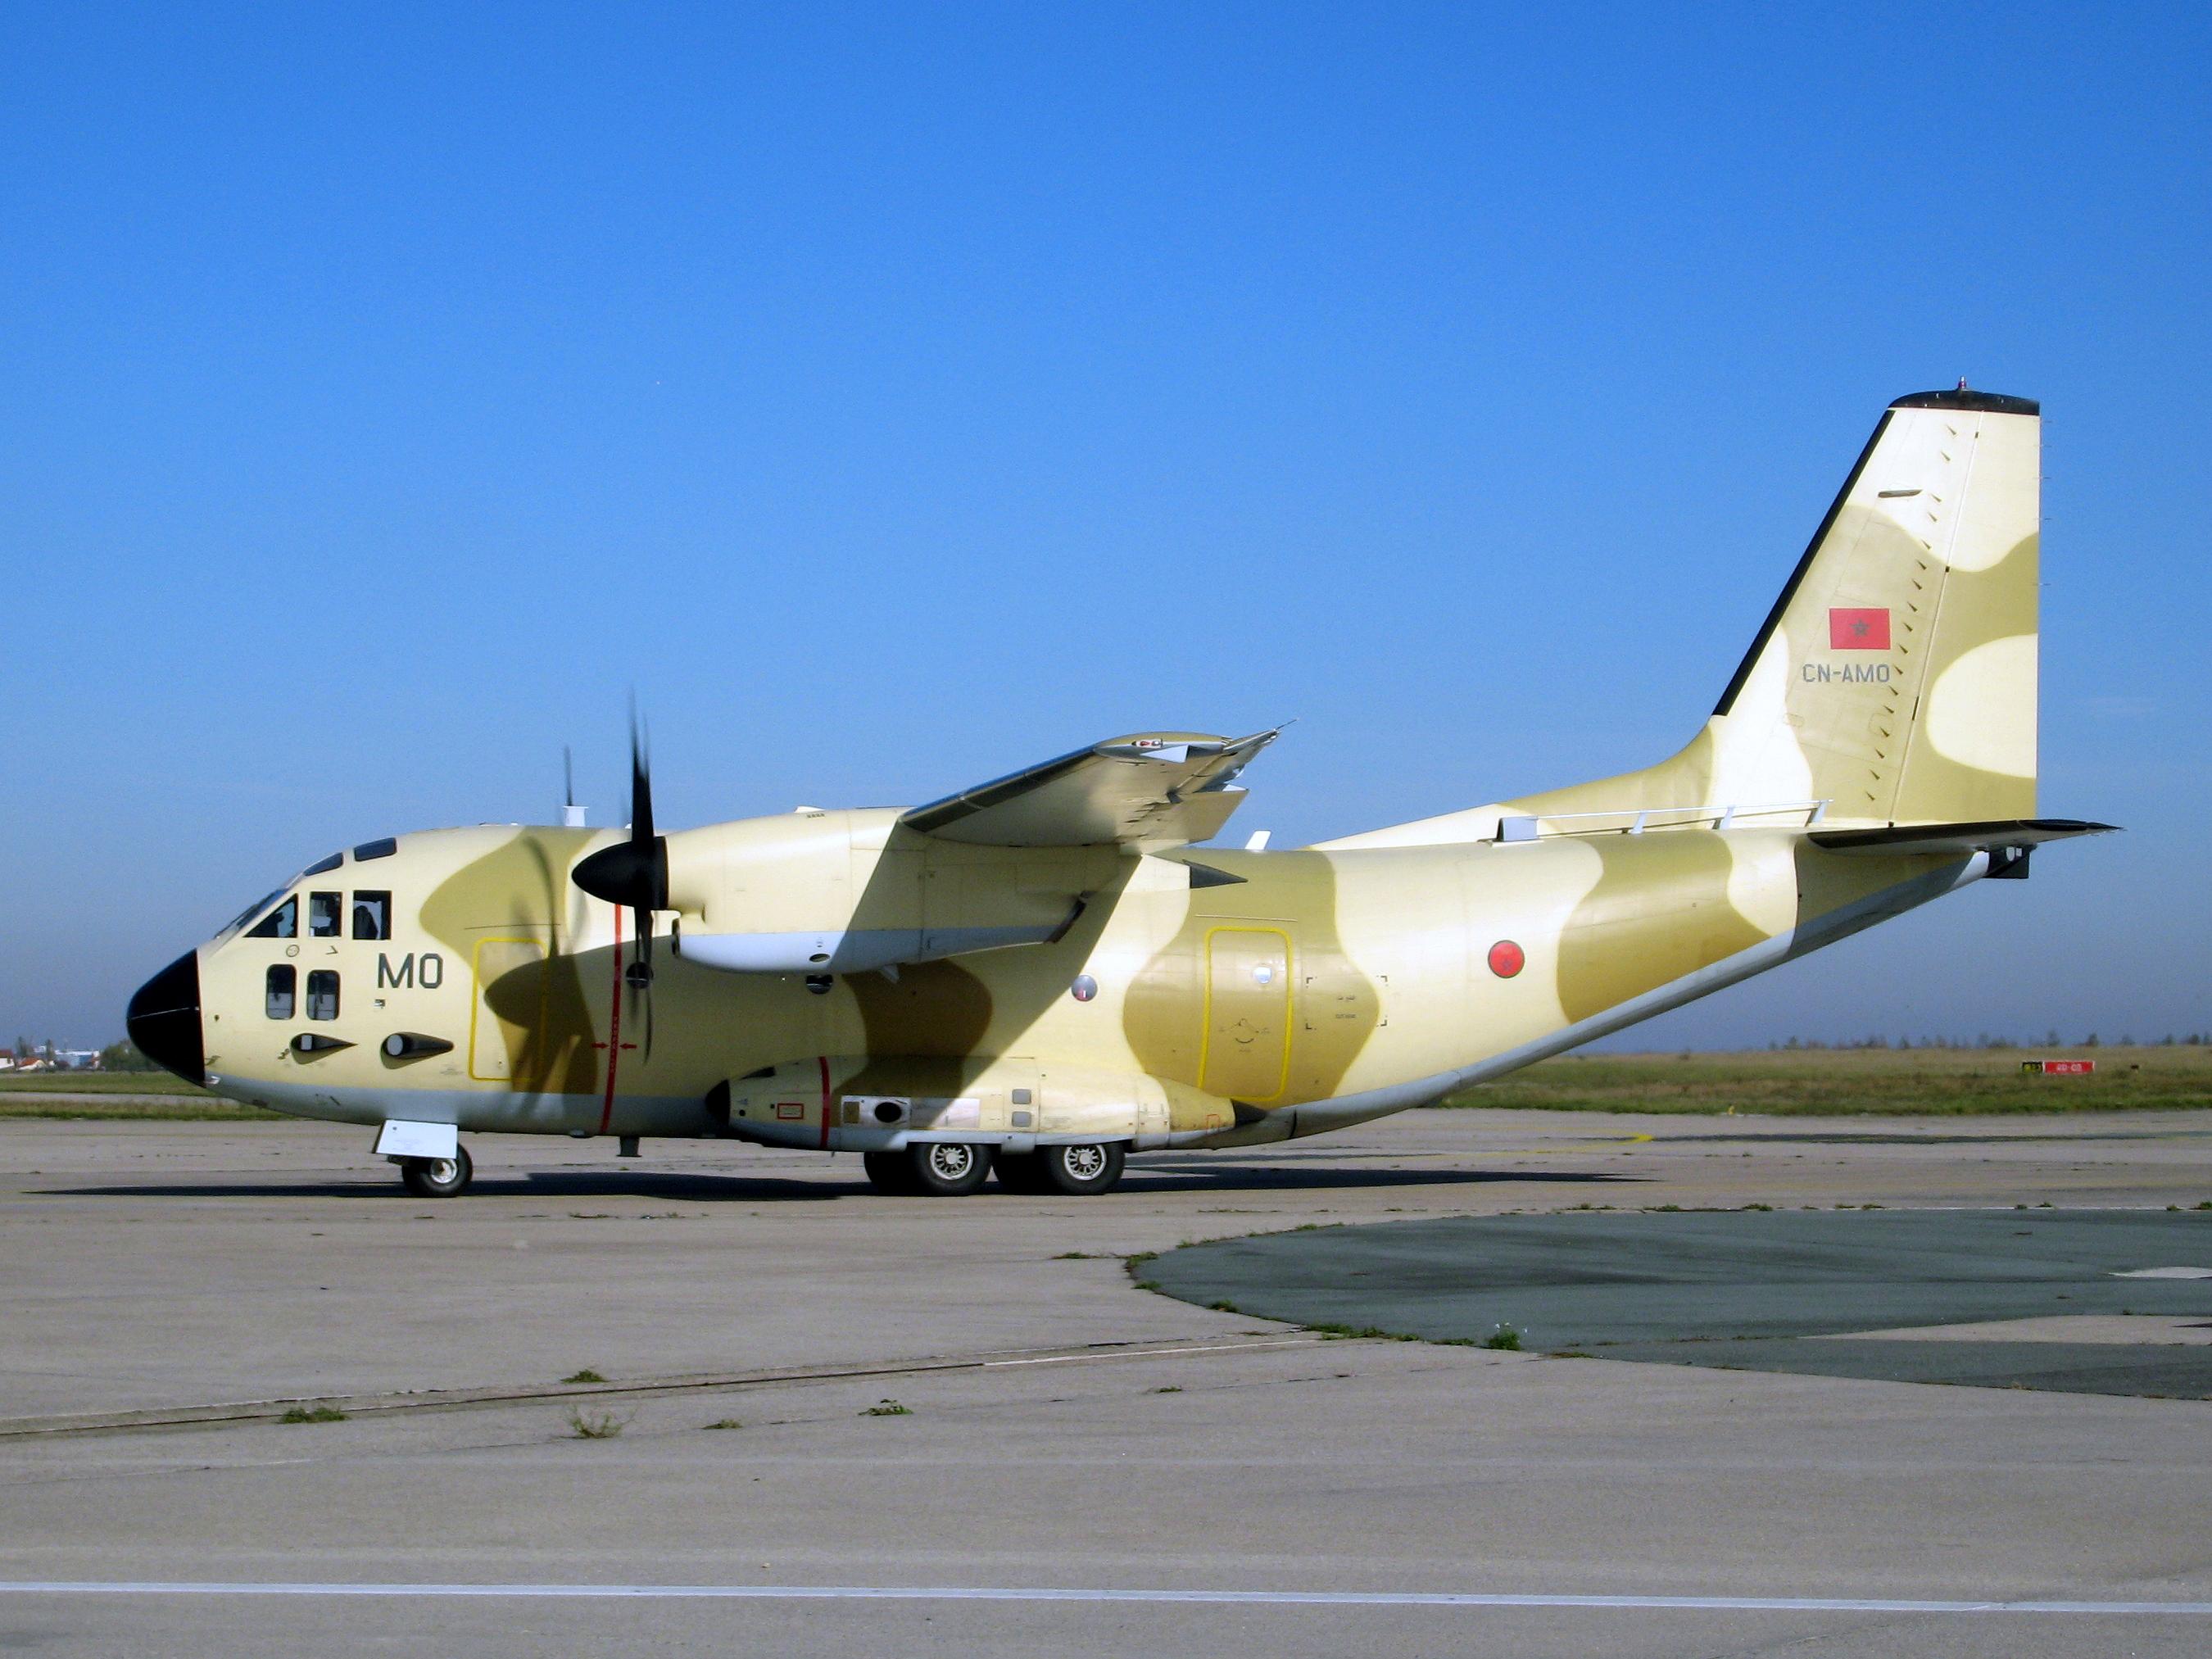 FRA: Photos d'avions de transport - Page 25 151220070024102368